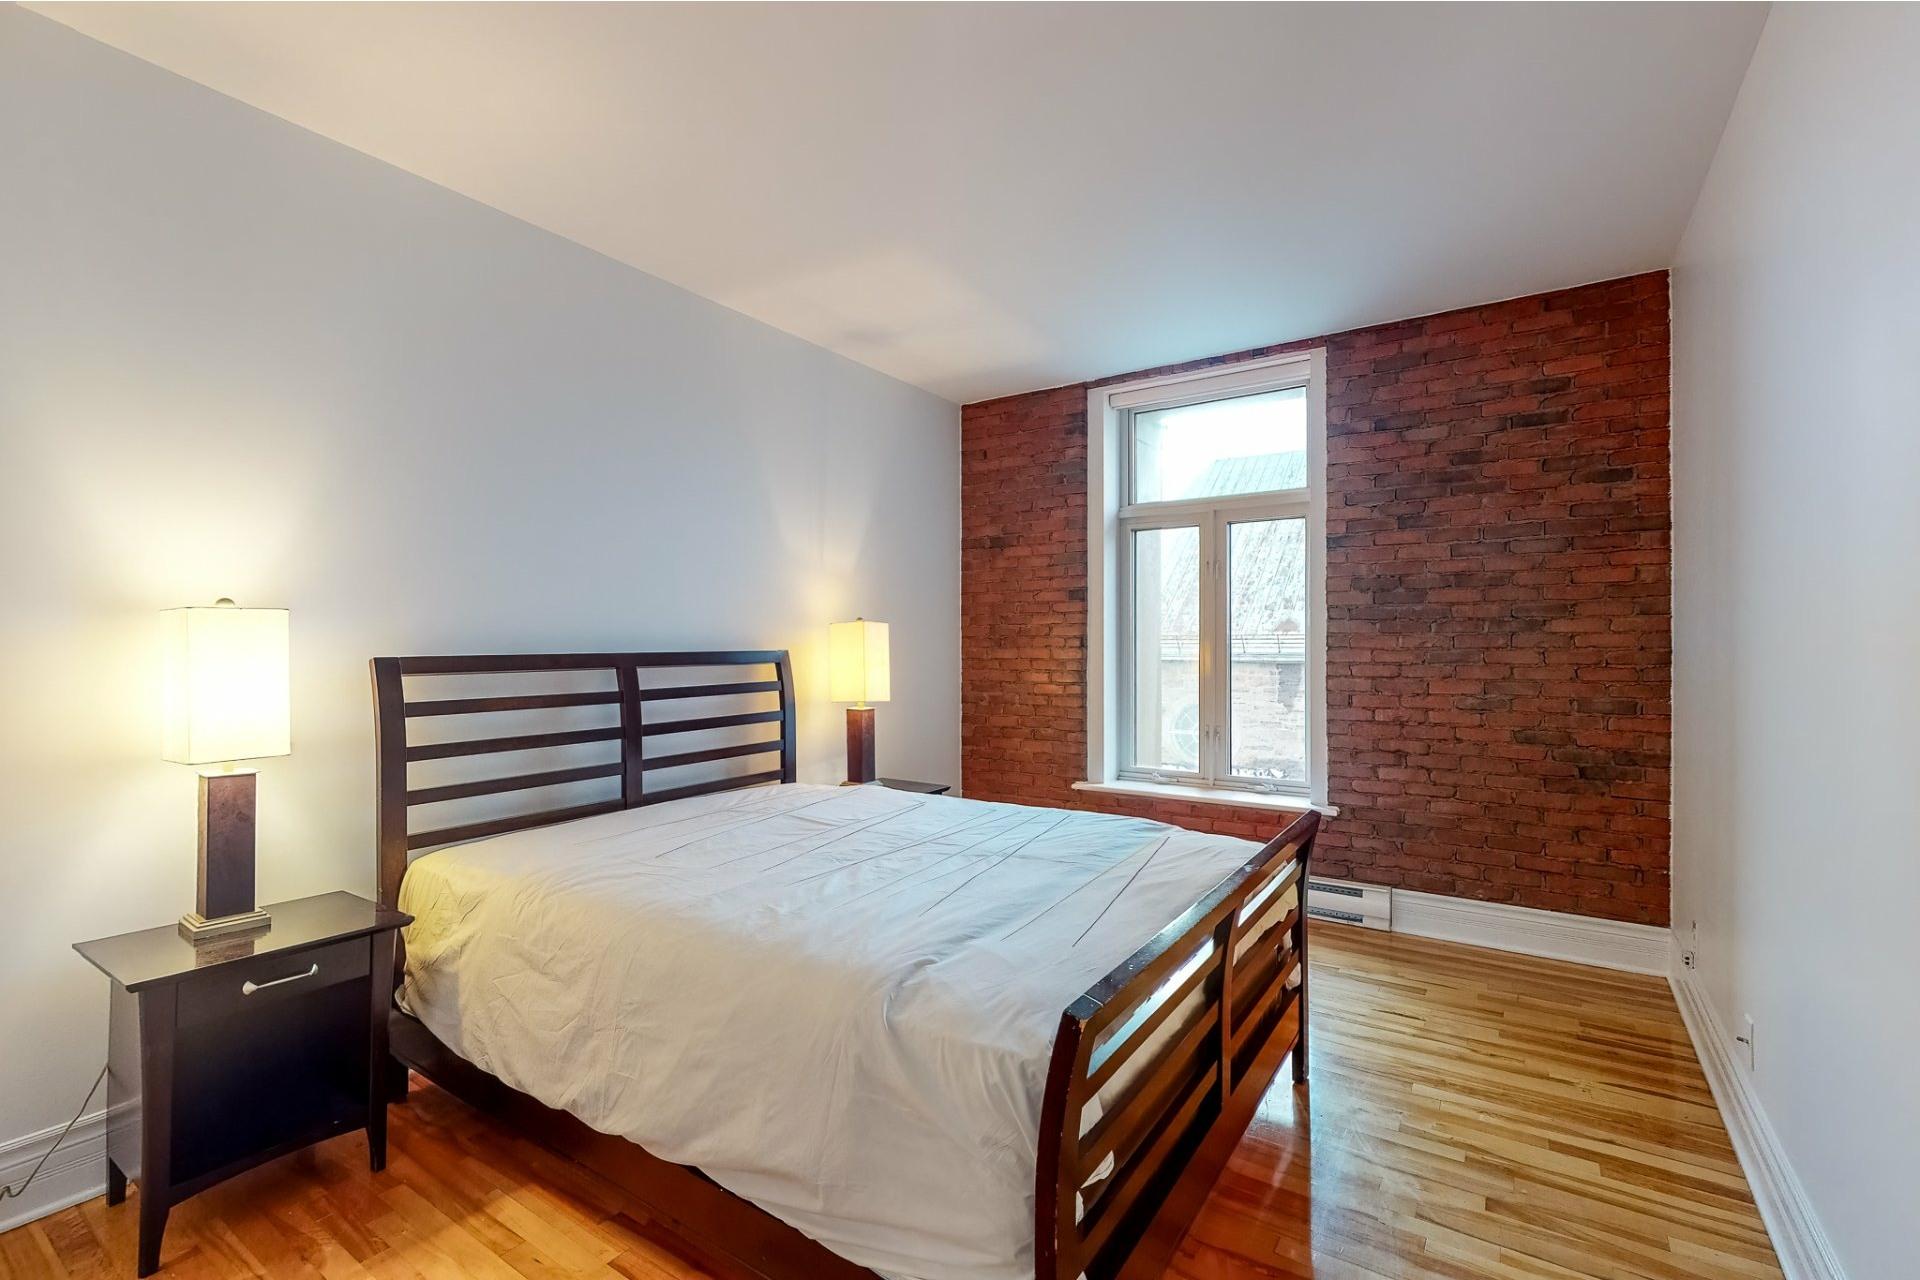 image 10 - Appartement À louer Le Plateau-Mont-Royal Montréal  - 5 pièces